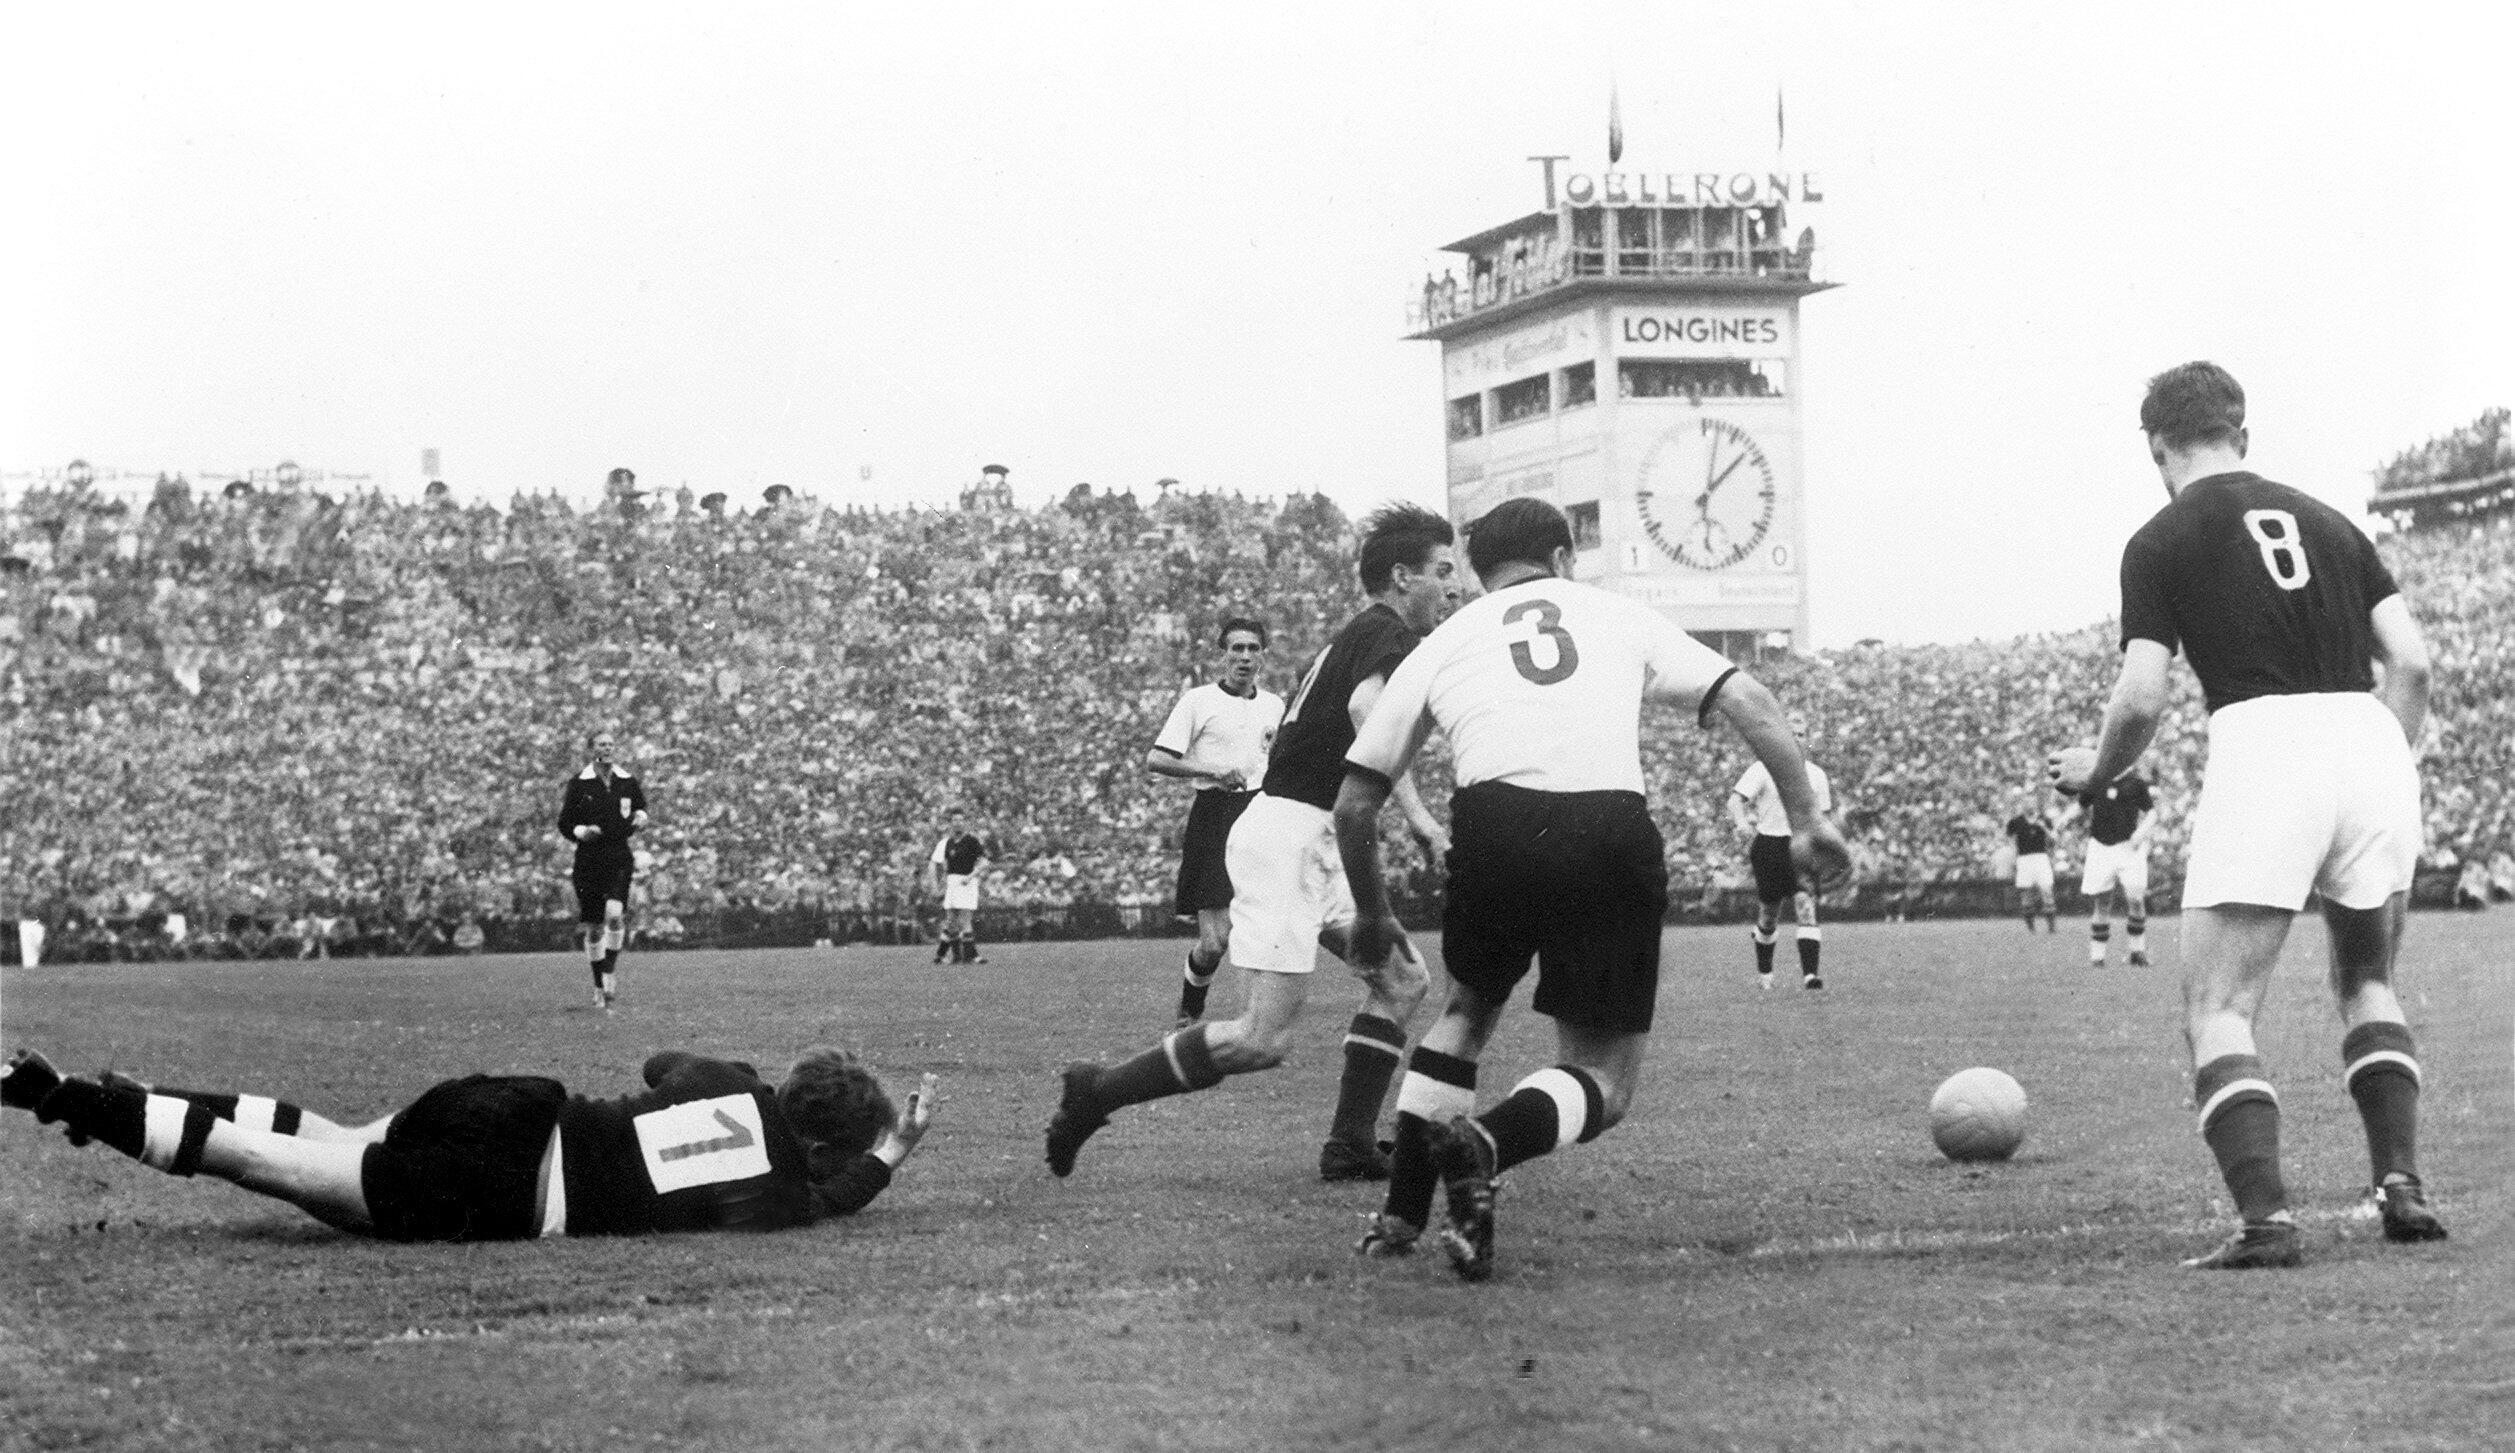 Bild zu WM 1954, Bern, Schweiz, Deutschland, Ungarn, Endspiel, Bern, Turek, Kohlmeyer, Czibor, Kocsis